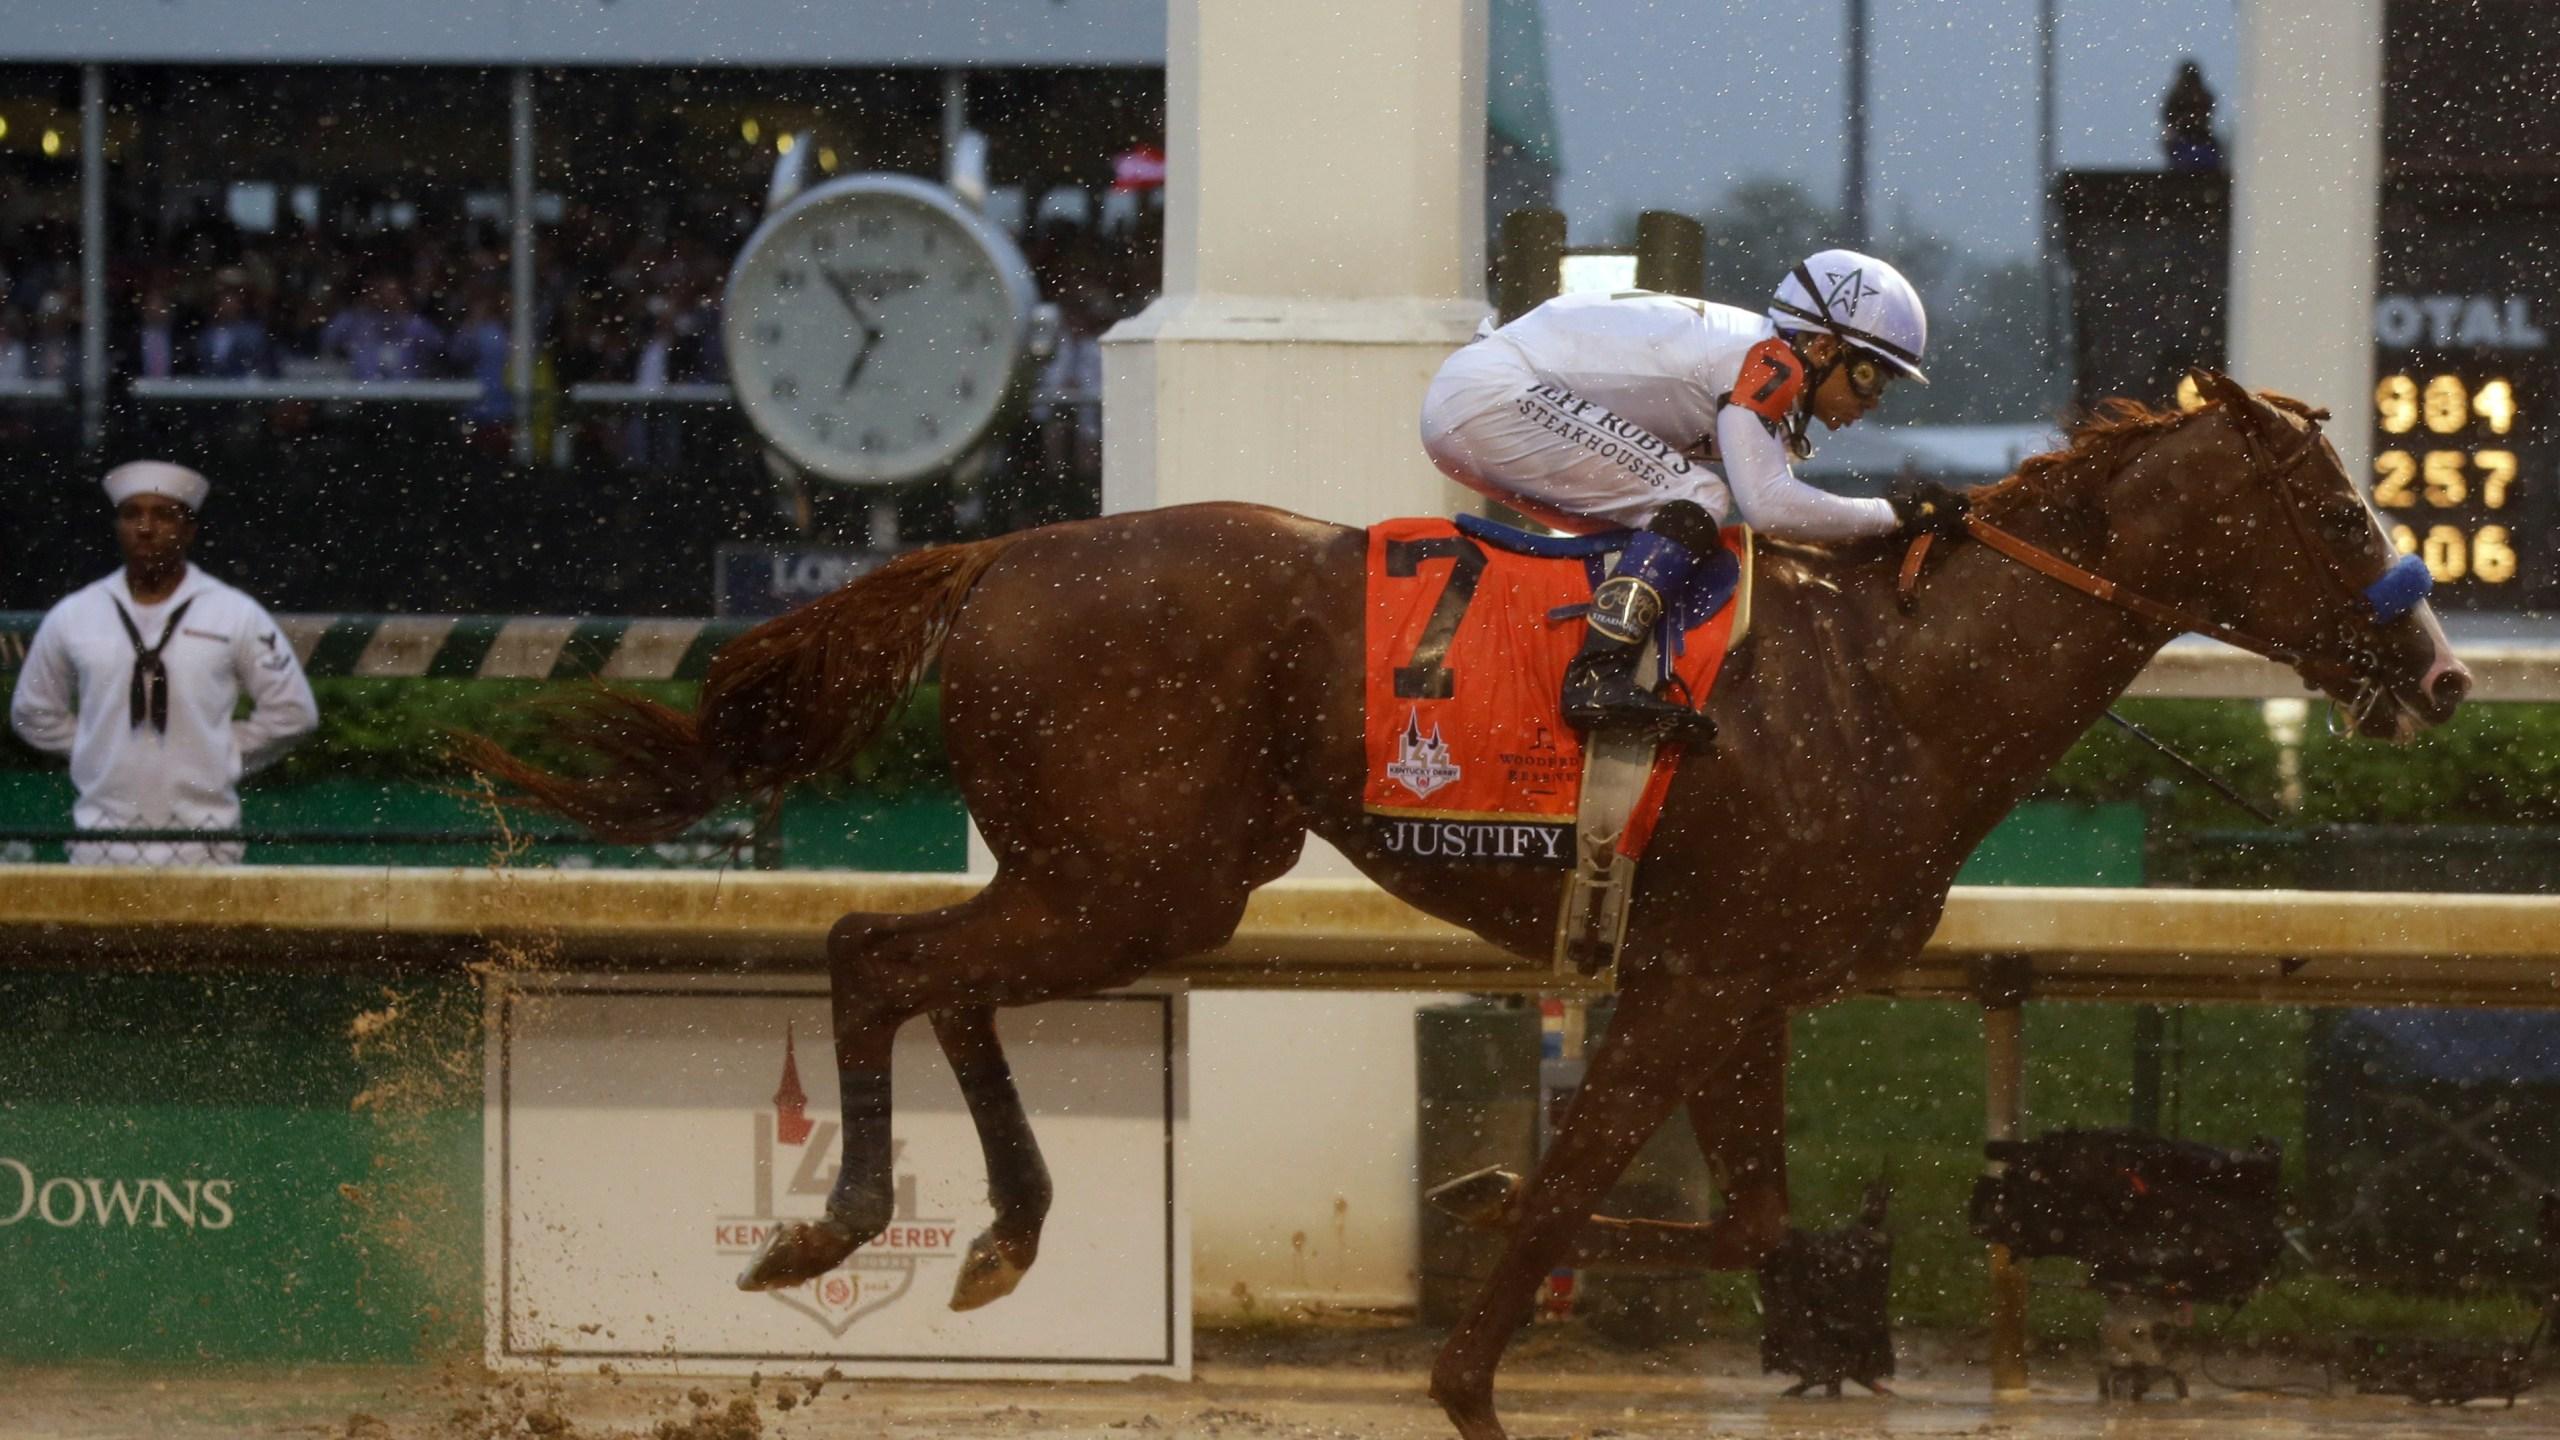 Kentucky_Derby_Horse_Racing_84370-159532.jpg96183074